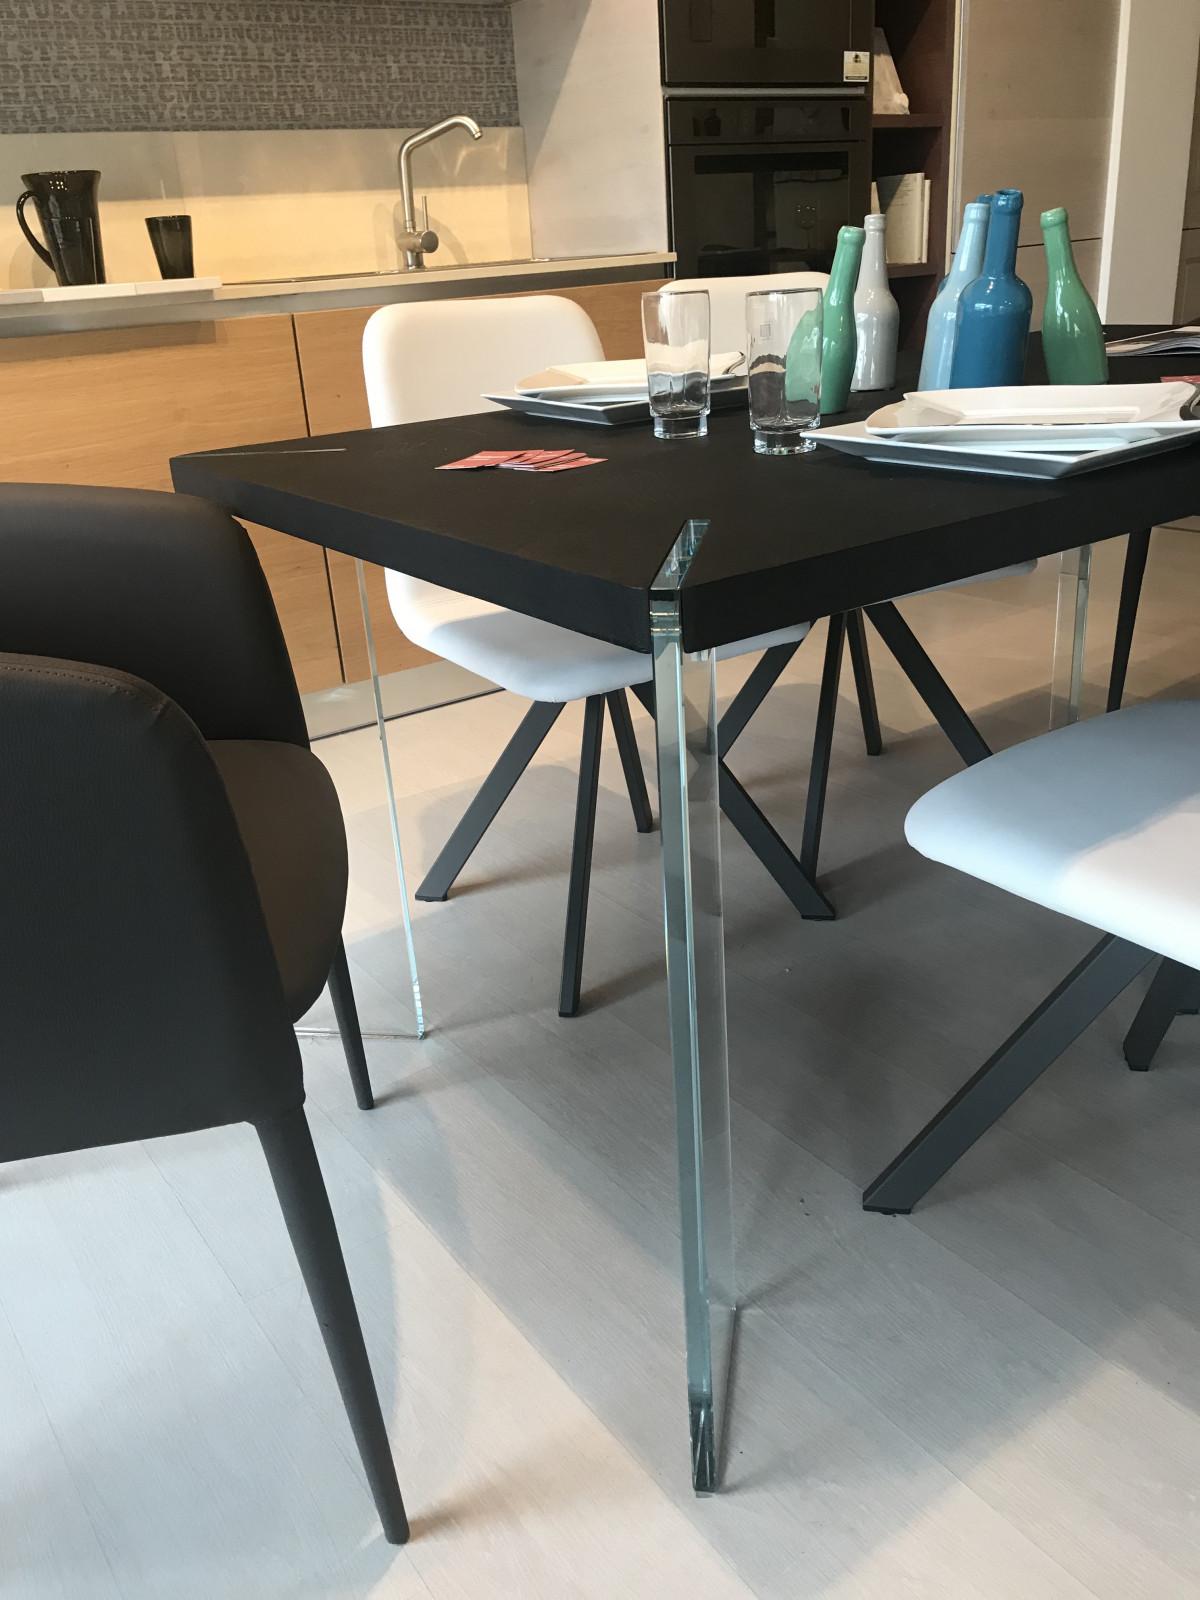 Tavolo da pranzo modello Concrete - Arredo e Giardino in ...